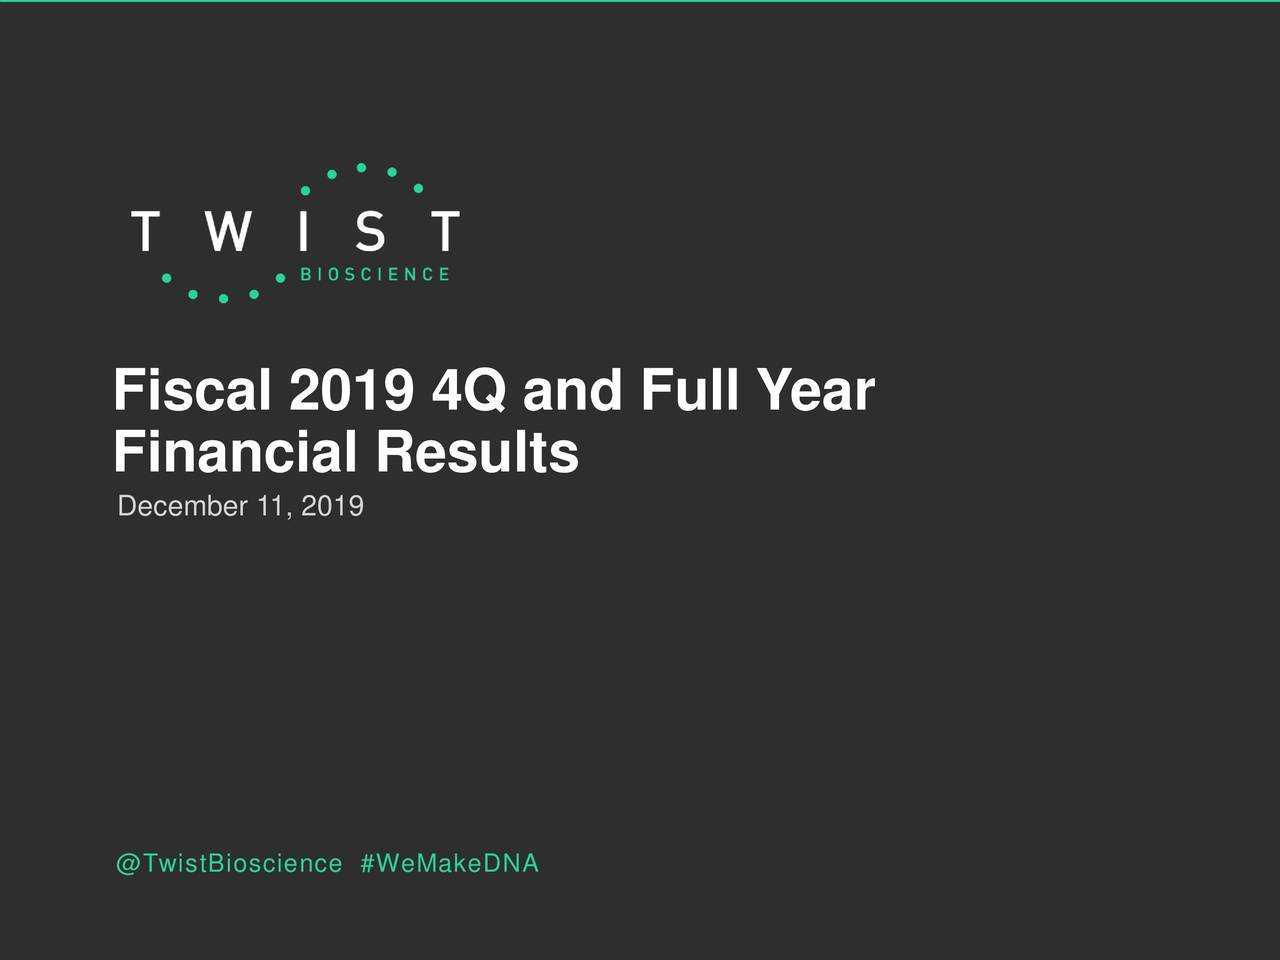 Twist Bioscience Corporation 2019 Q4 - Results - Earnings Call Presentation - Twist Bioscience Corporation (NASDAQ:TWST) | Seeking Alpha